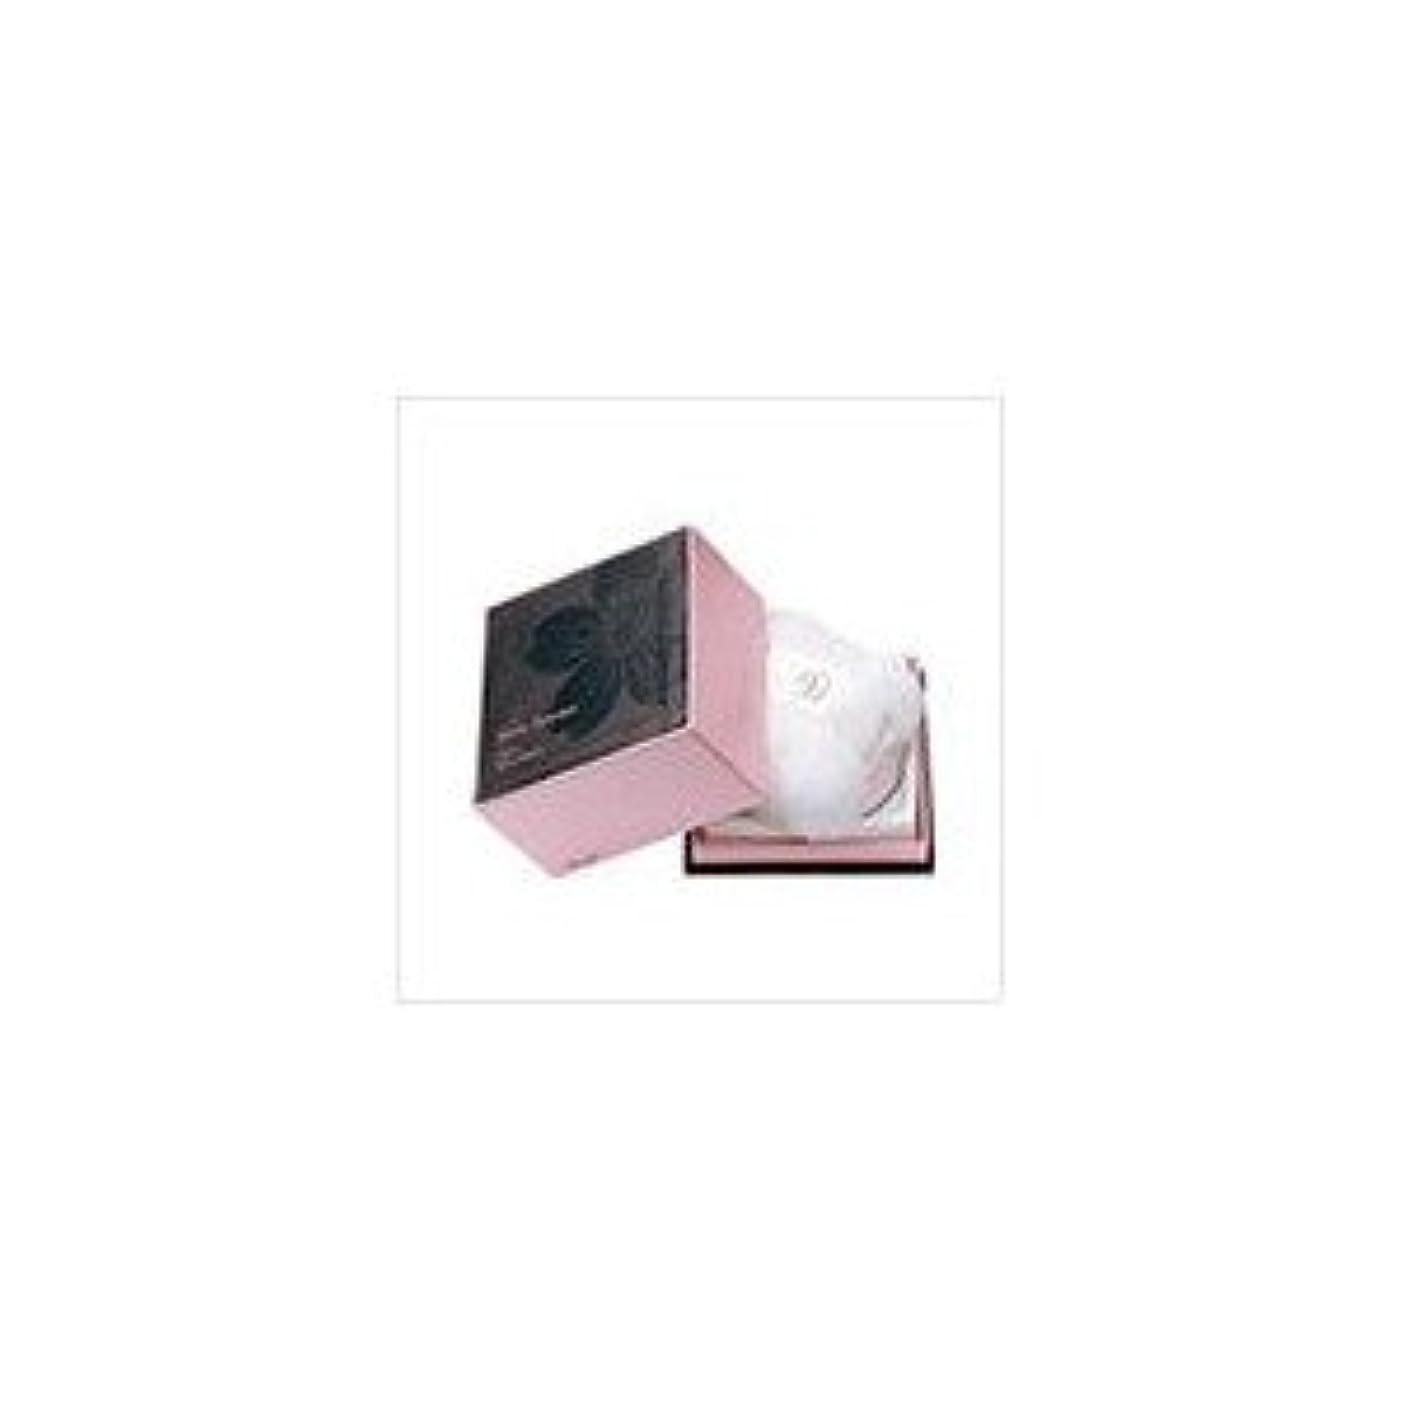 療法強制カウンターパートトワニー ボディケアボディーパウダーにほひ桜プレスドタイプ(40g)